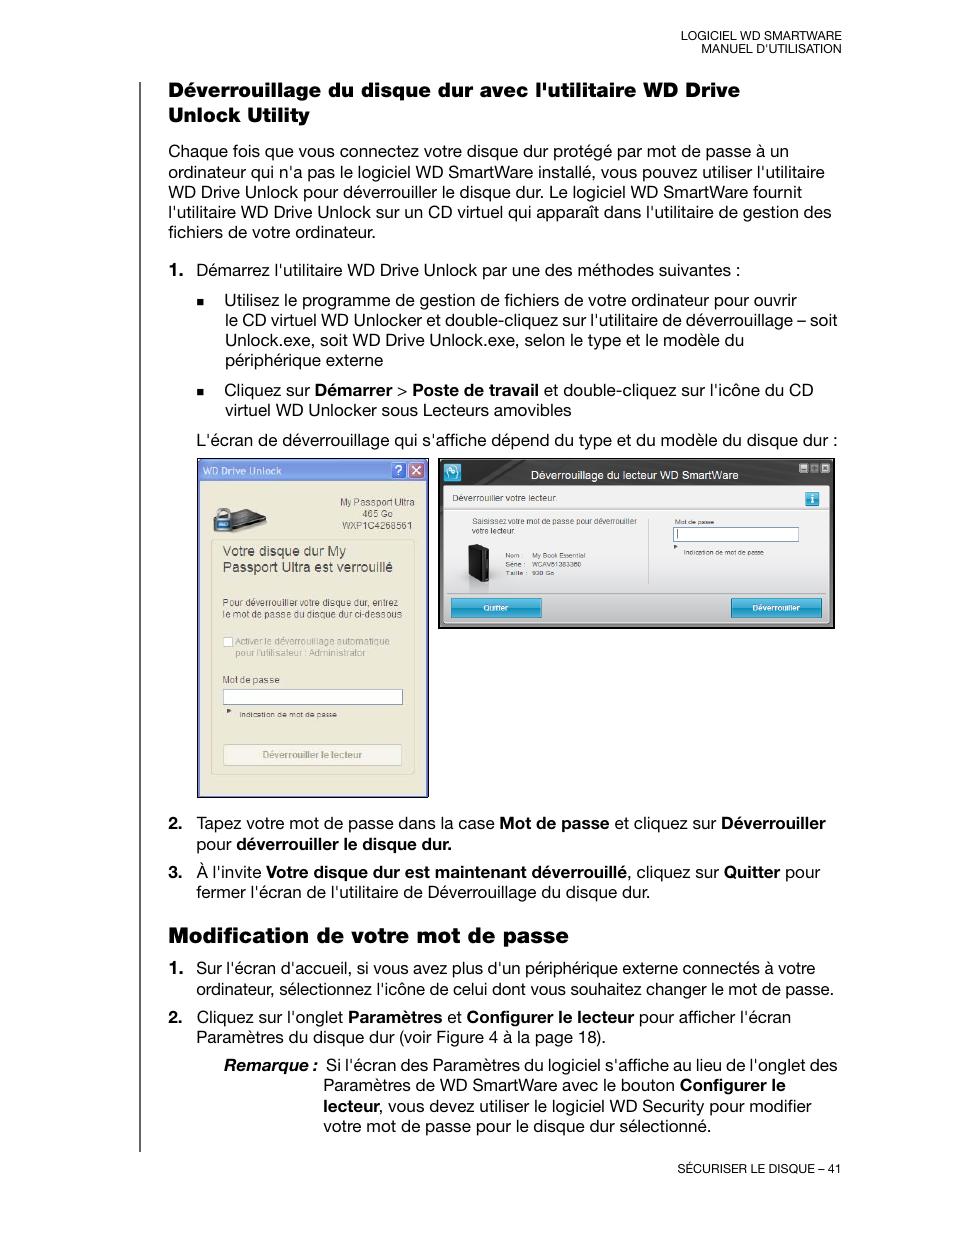 Modification de votre mot de passe, Déverrouillage du disque